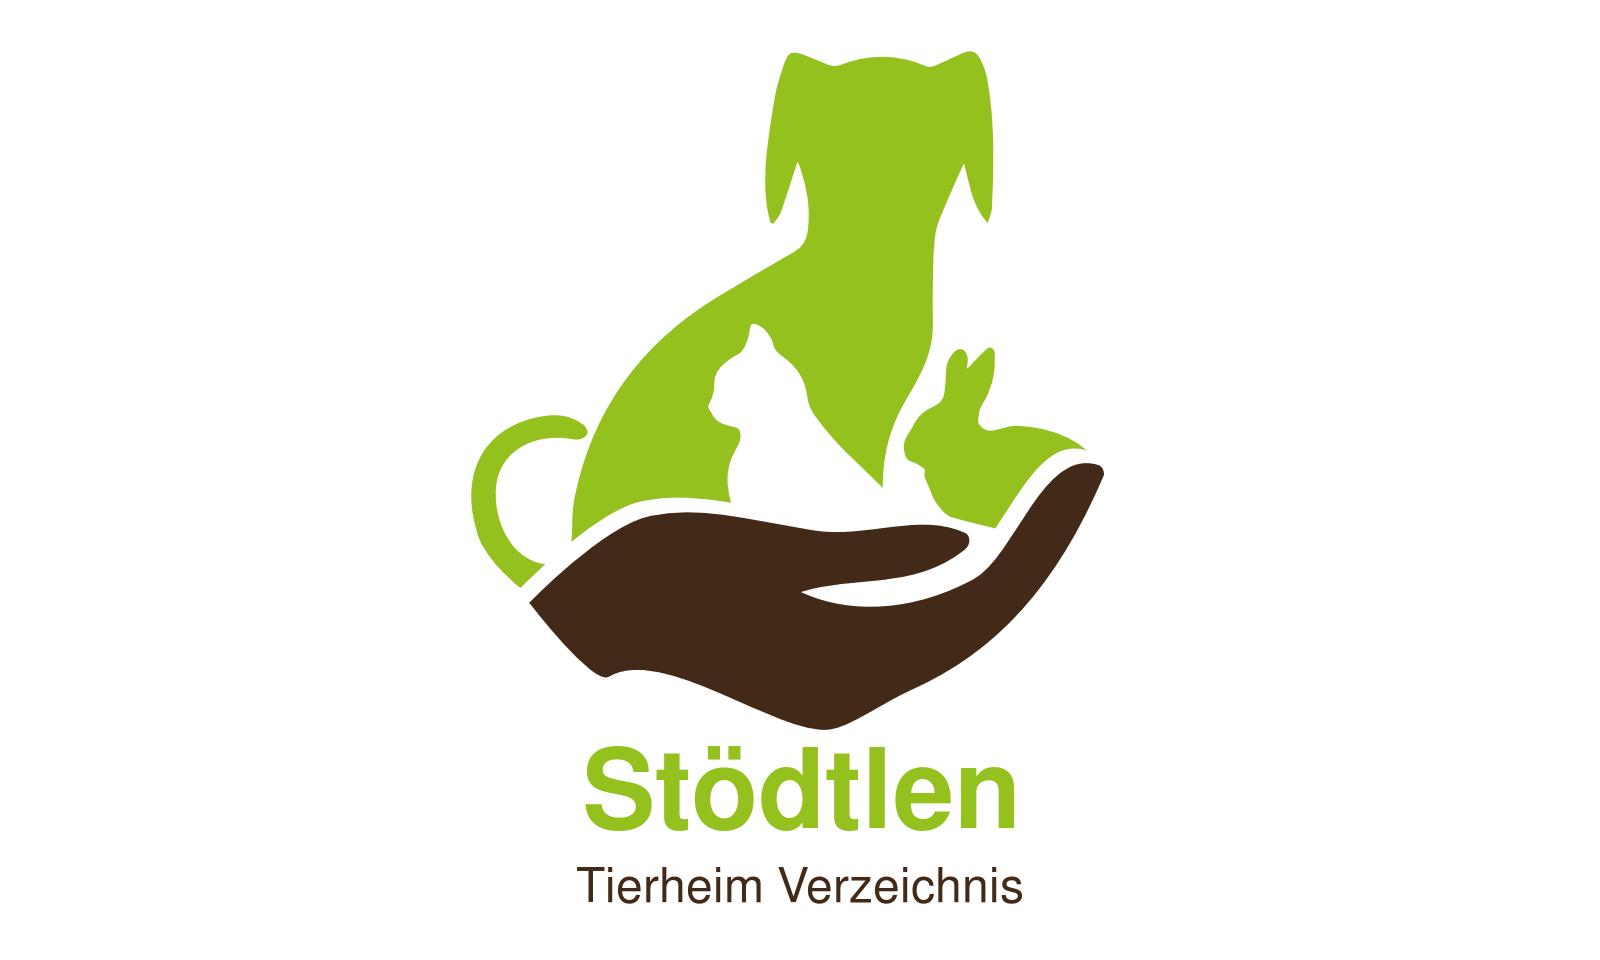 Tierheim Stödtlen